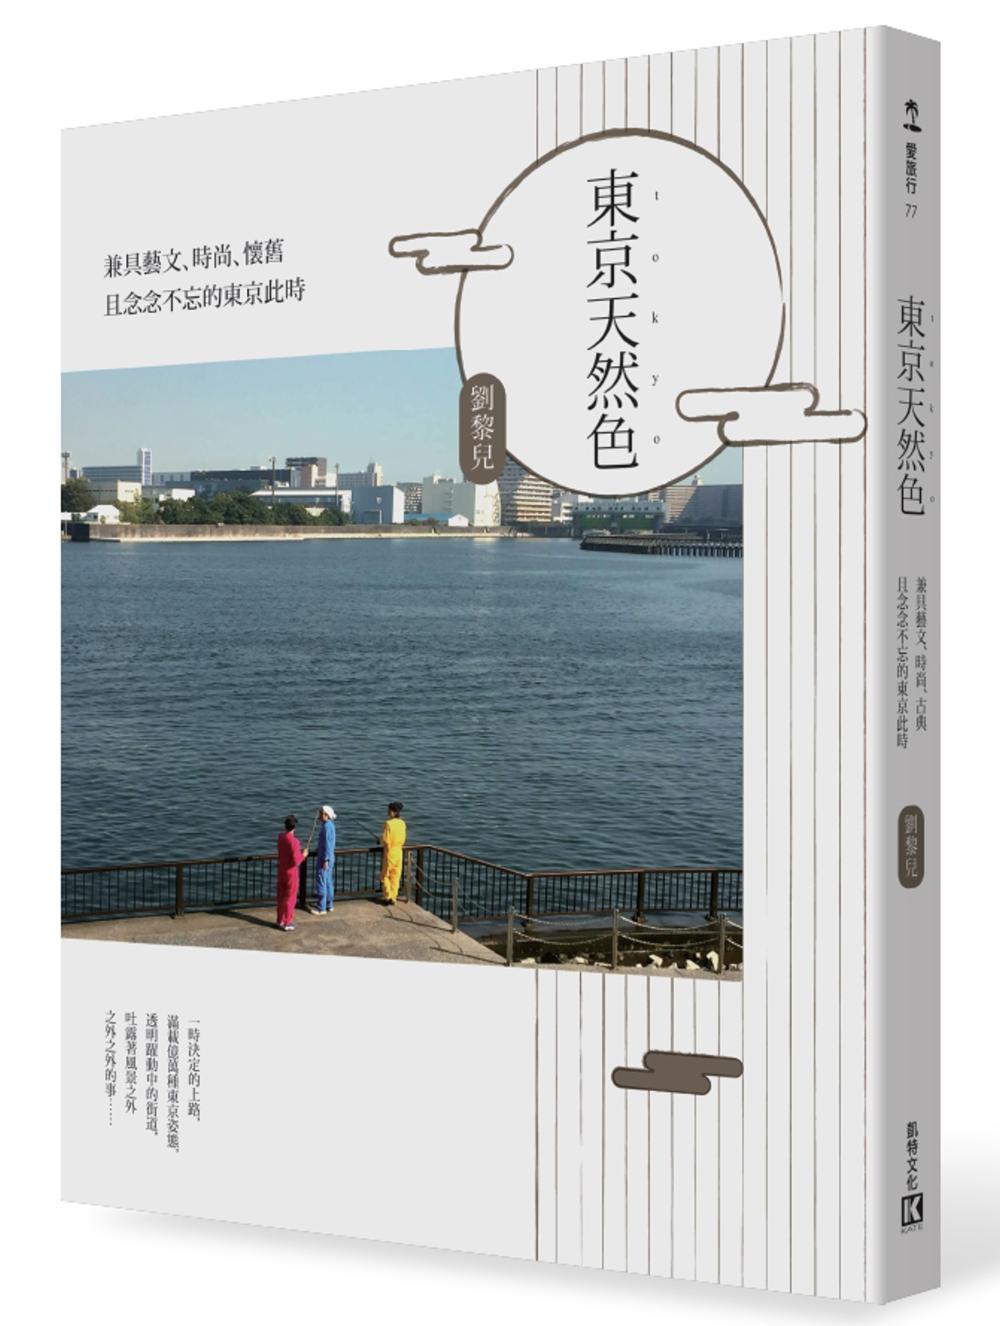 ◤博客來BOOKS◢ 暢銷書榜《推薦》東京天然色:兼具藝文、時尚、古典且念念不忘的東京此時